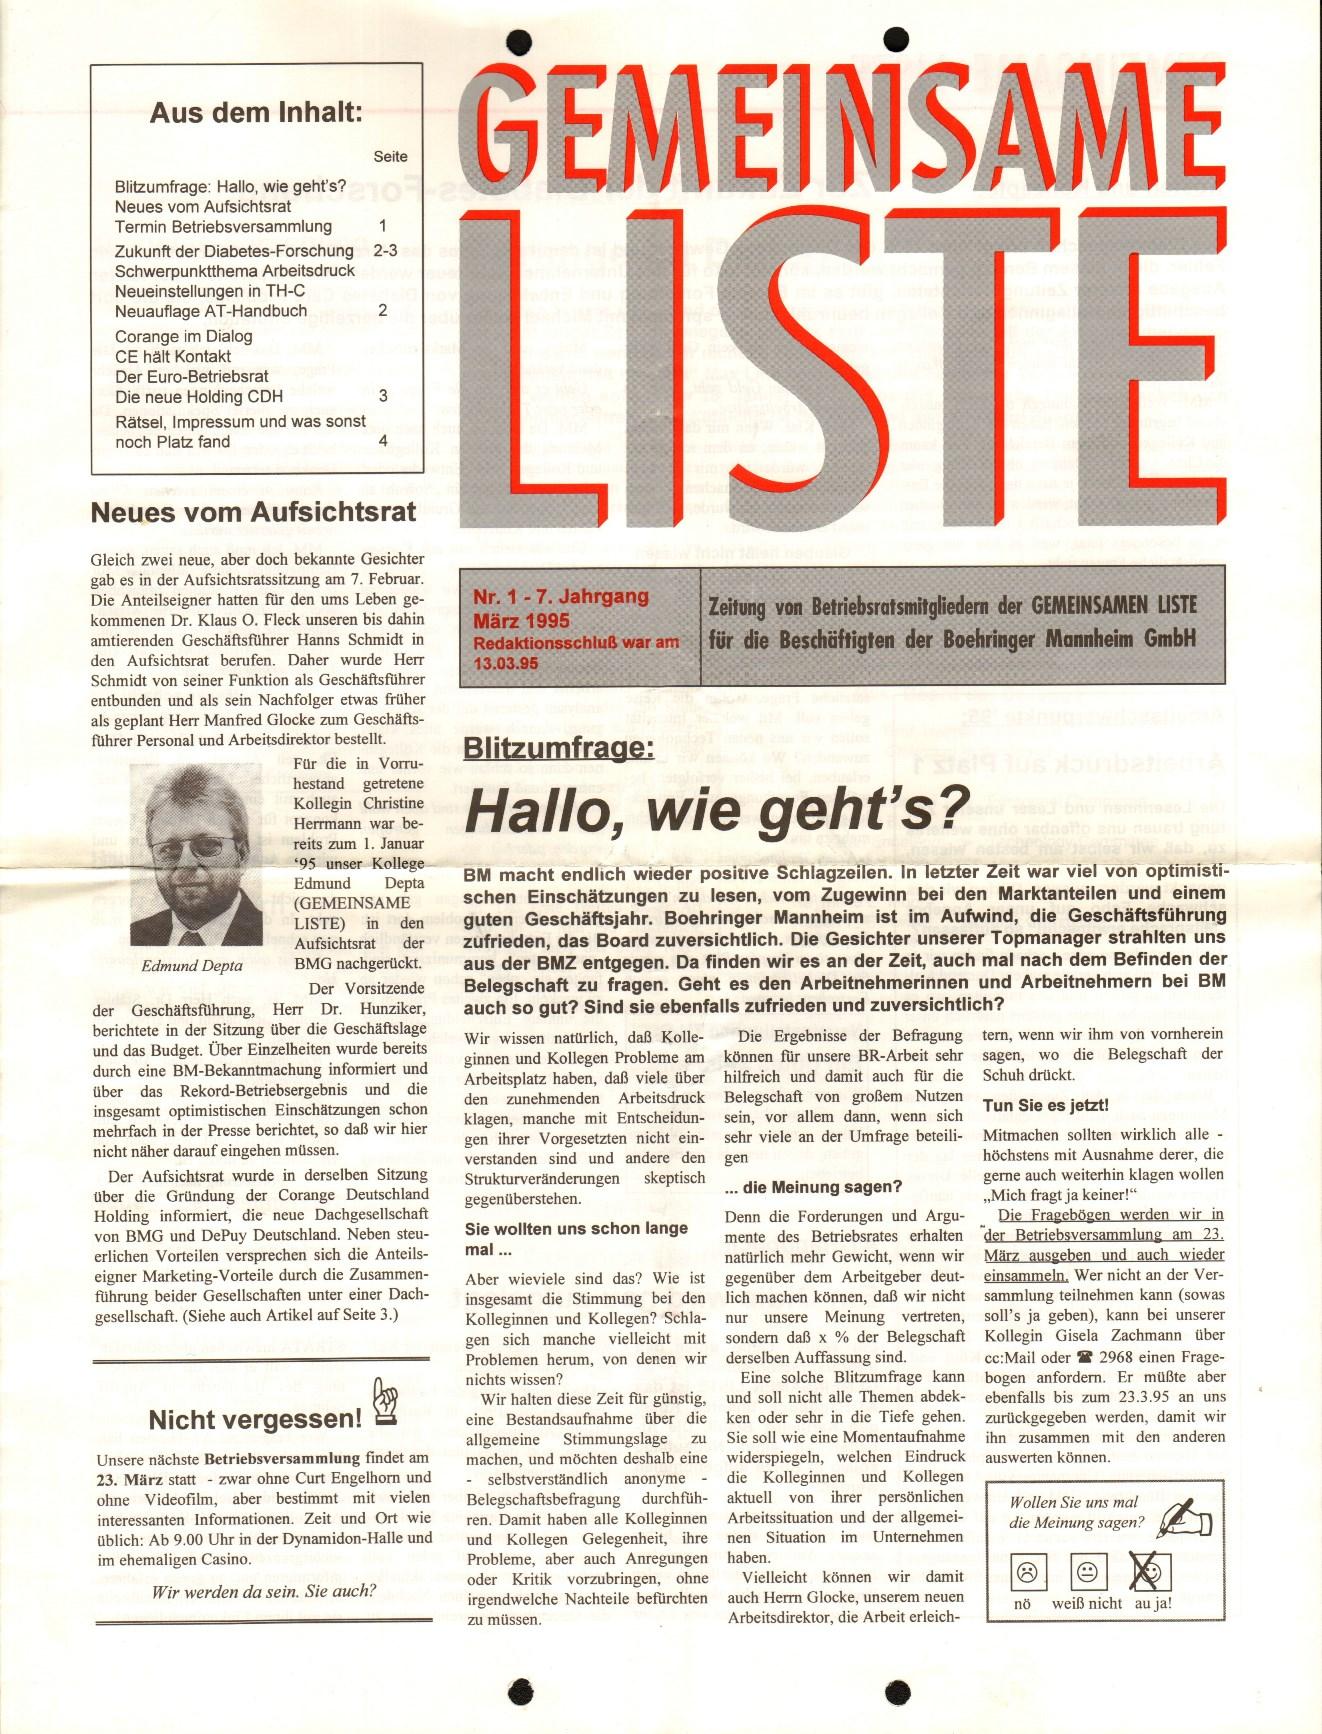 Mannheim_Boehringer_Gemeinsame_Liste_1995_01_01